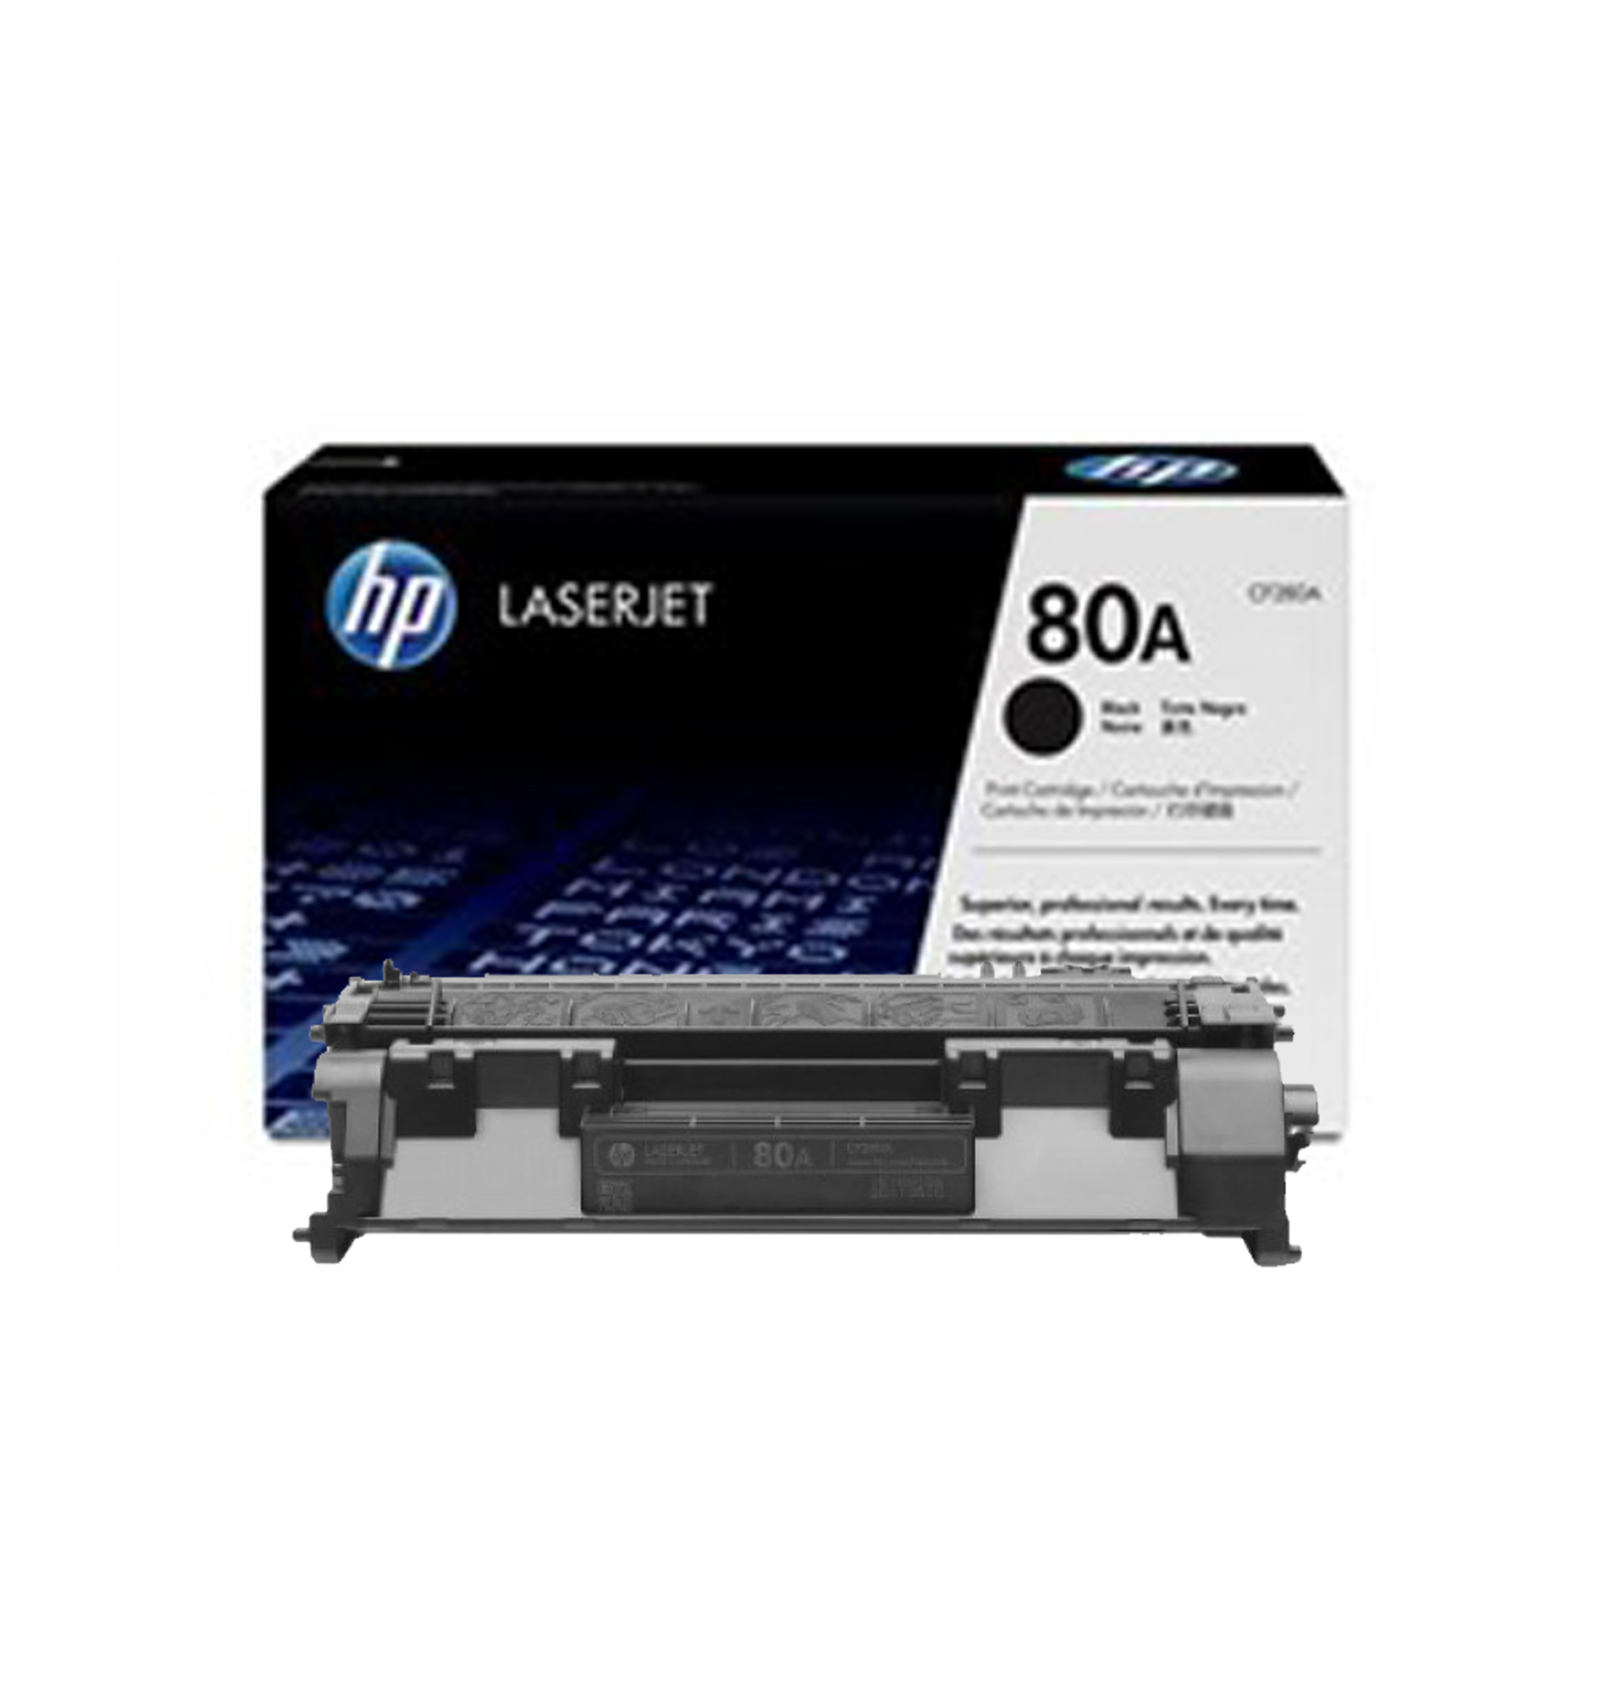 Заправка картриджей HP CF280A (80A) для LaserJet Pro 400 M401a/M401d/M401dn/M401dw/M425